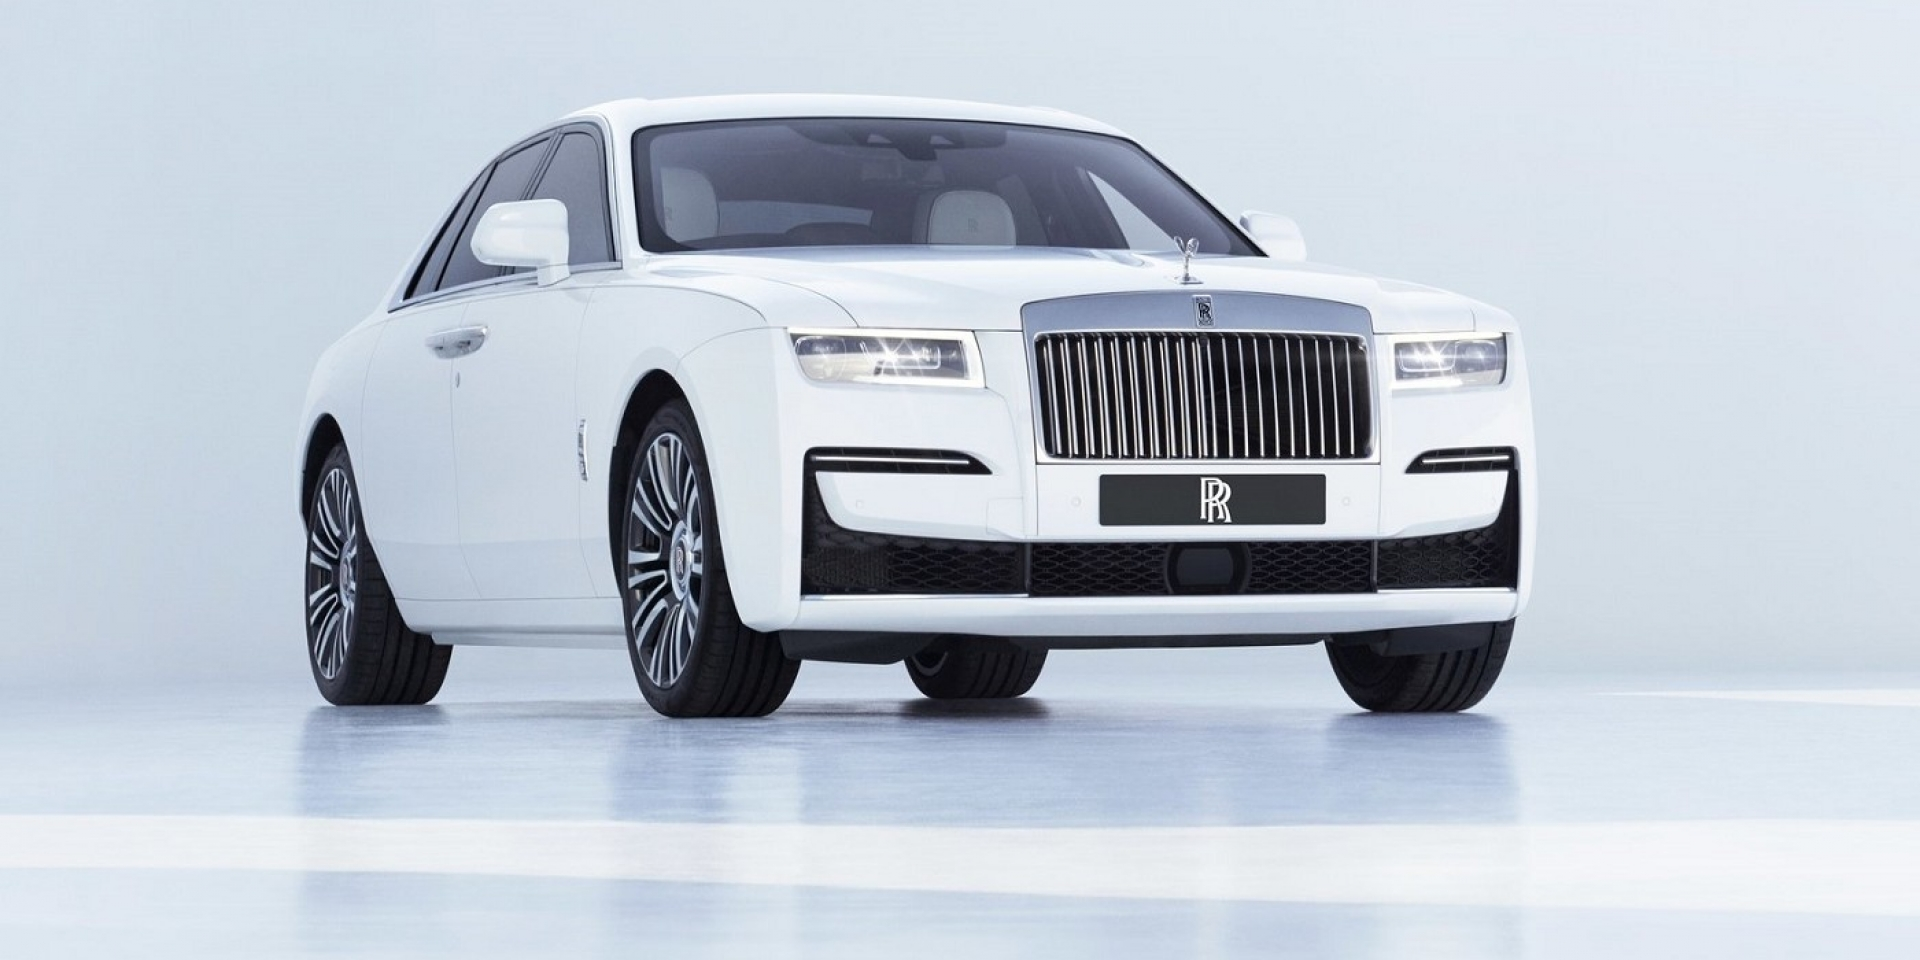 超頂級奢華,全新Rolls-Royce Ghost正式發表,台灣11月導入